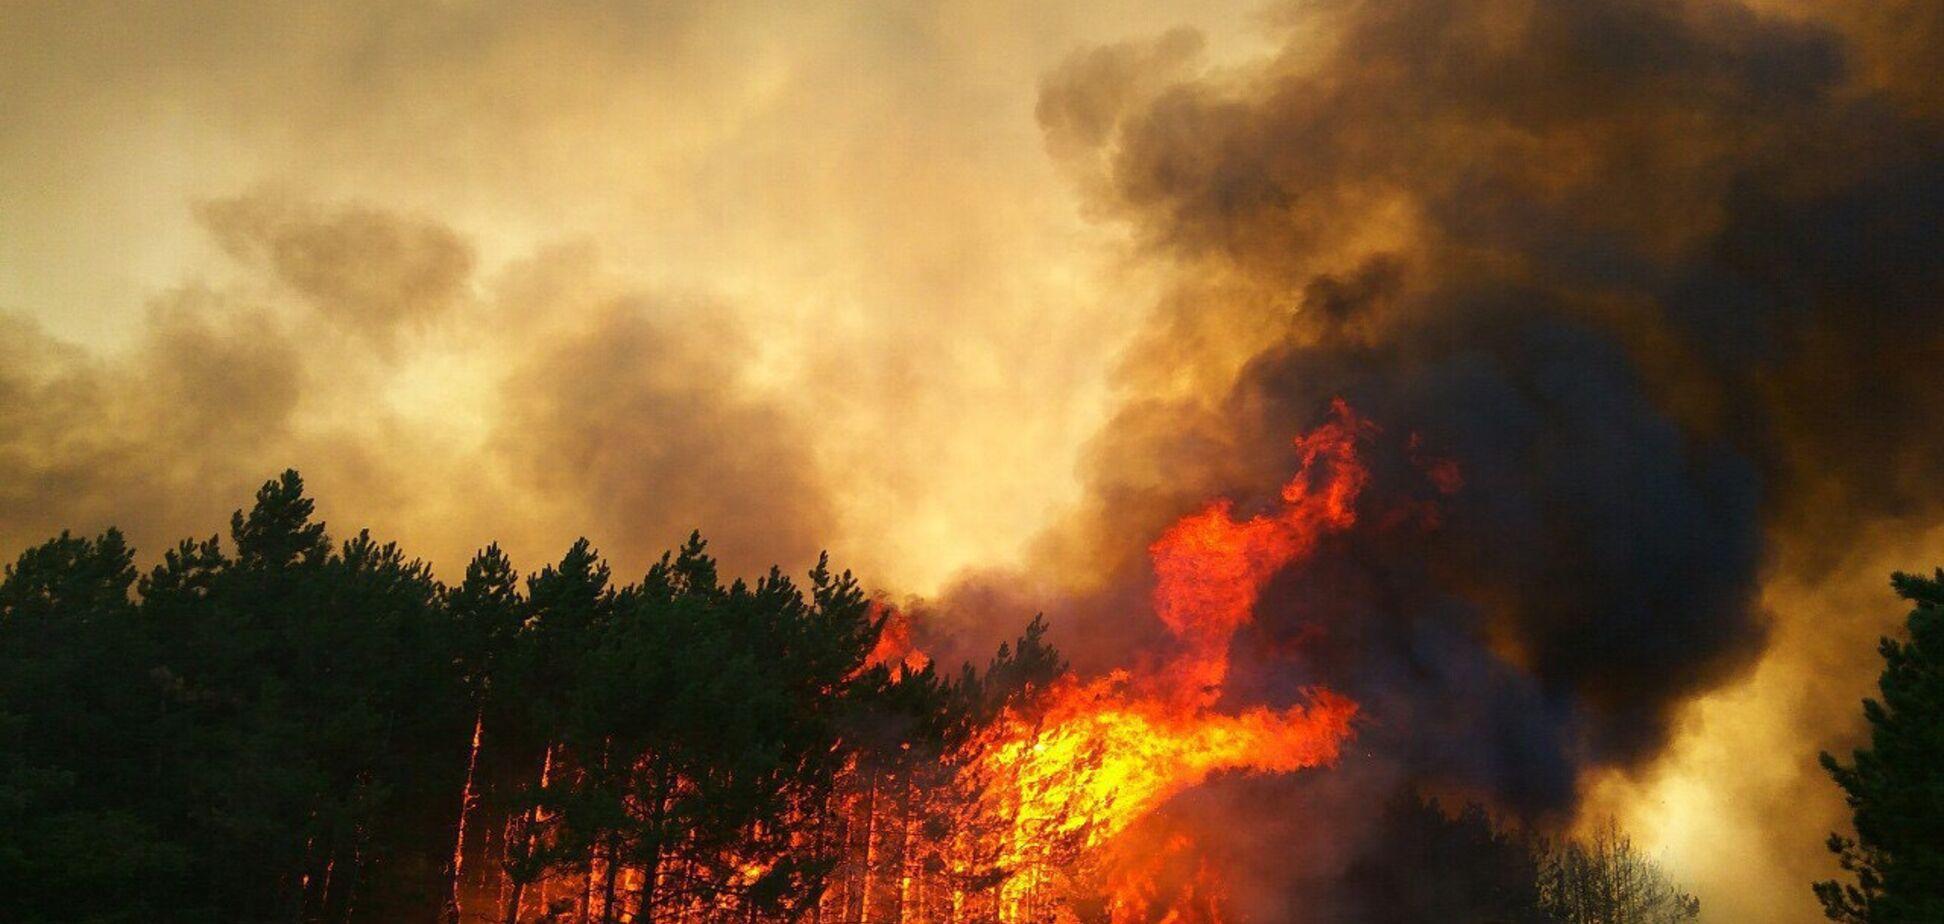 Выгорело 80 га леса: стало известно о жутком ЧП в Николаевской области